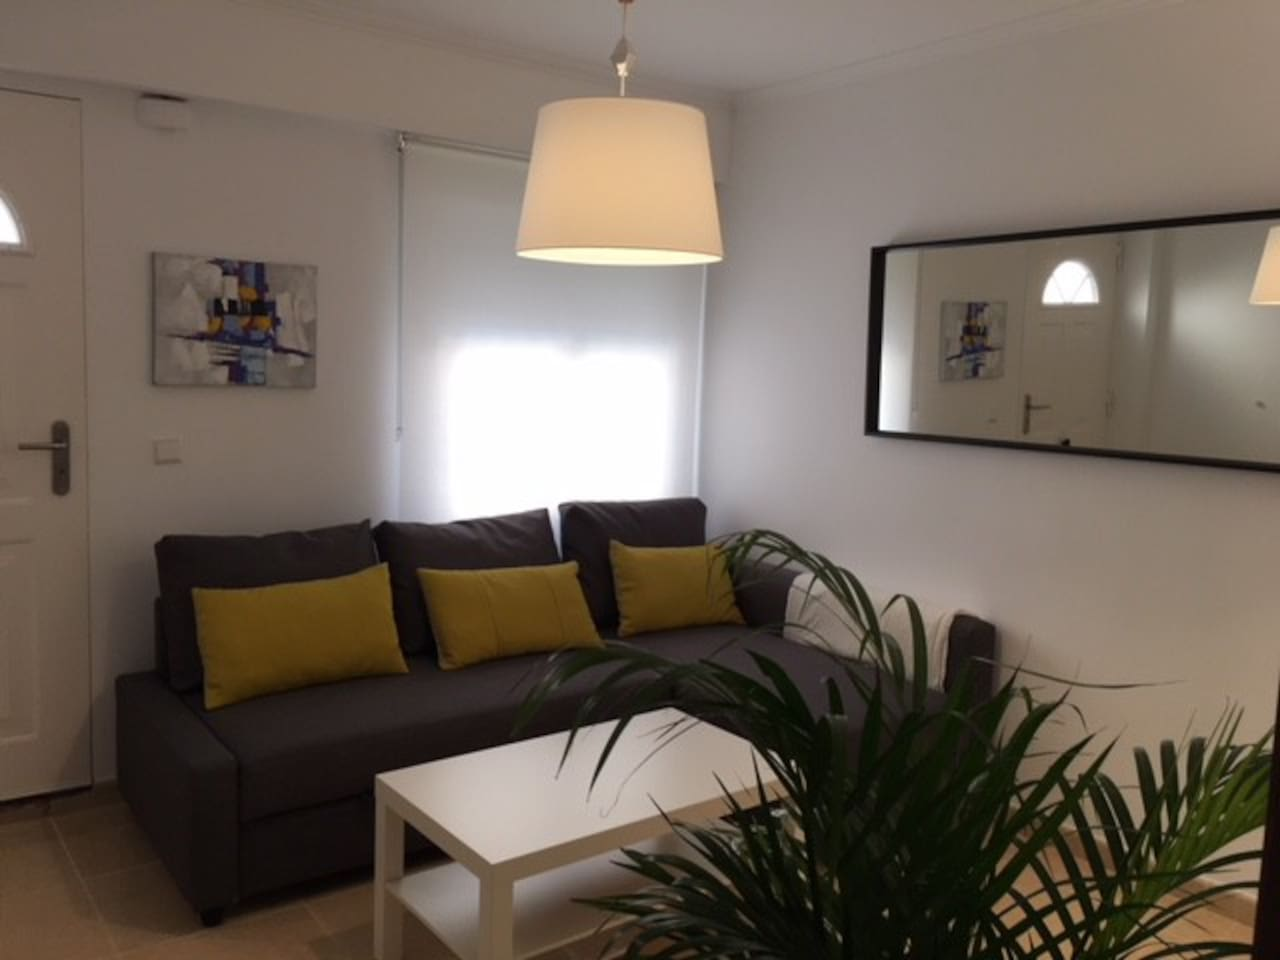 Piso Bajo Muy Tranquilo Houses For Rent In Cartagena Regi N De  # Muebles Cartagena